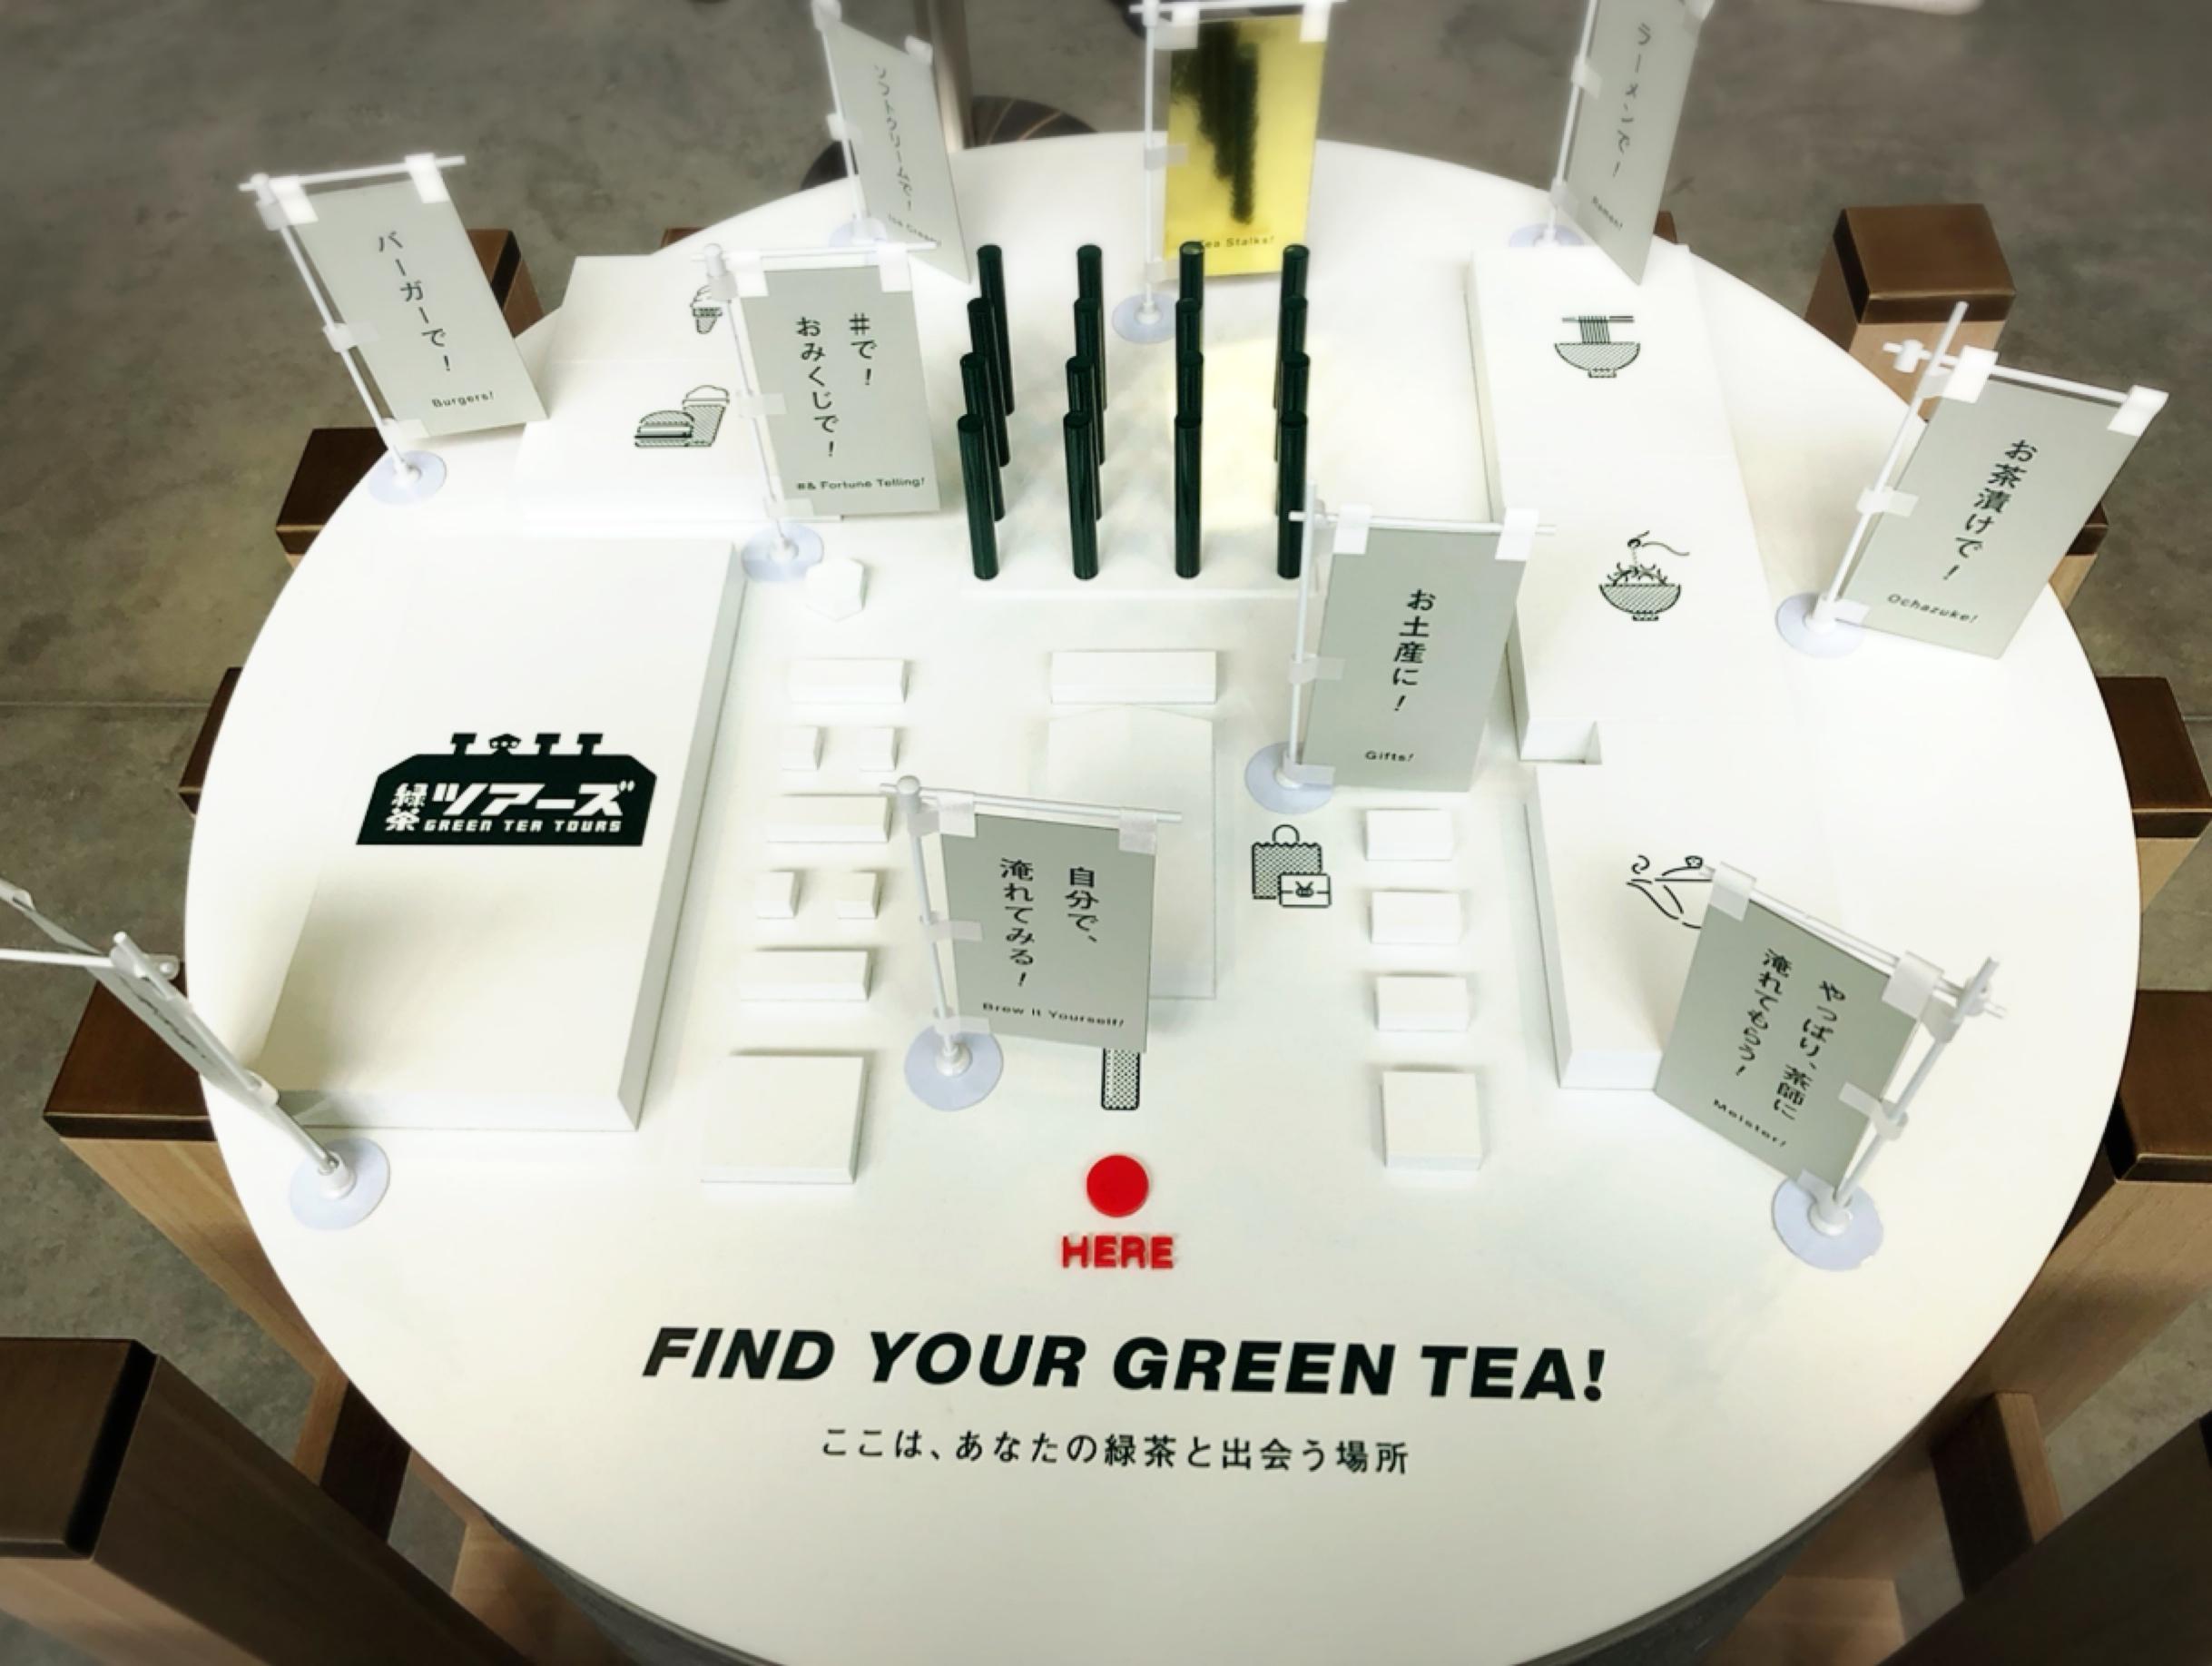 【#静岡】Newスポット⭐︎体験型フードパーク♩自分好みの緑茶を♡KADODE OOIGAWAに行ってきました♩_2